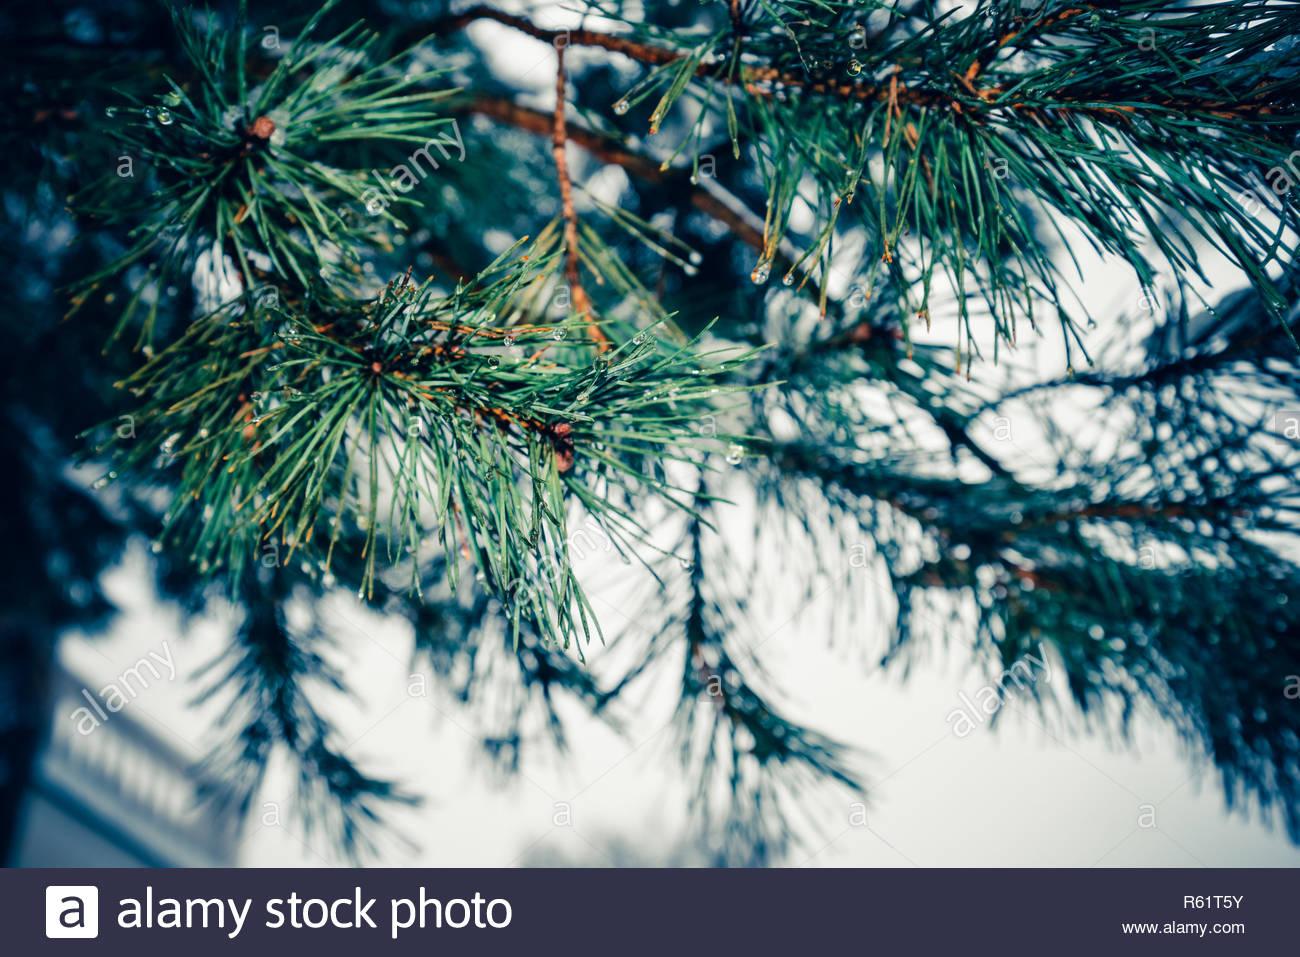 Tannenbaum Outdoor.Tannenbaum äste Eng Winter Park Outdoor Und Weihnachten Landschaft